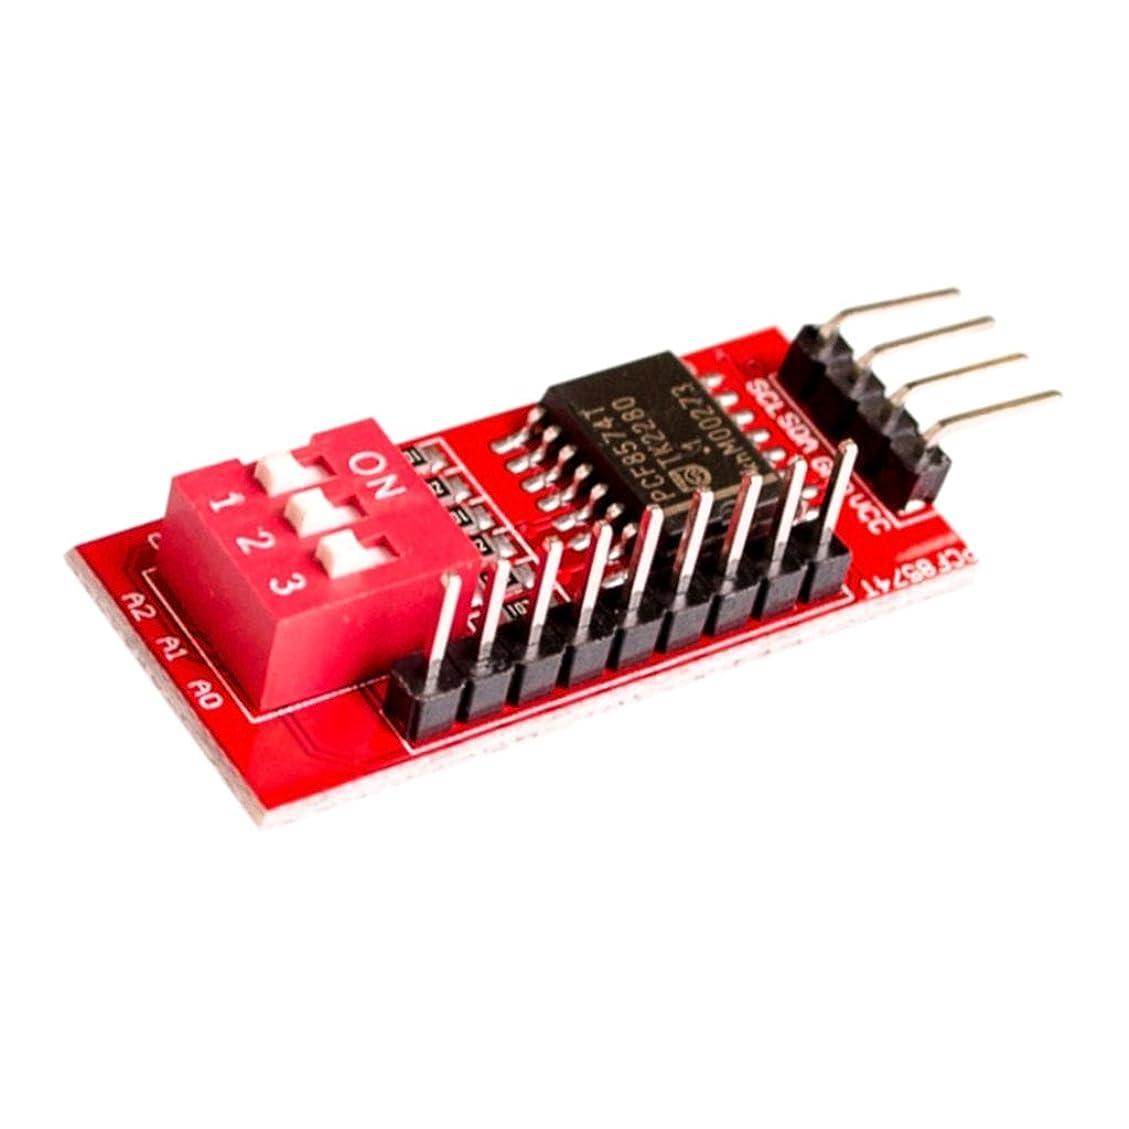 正当な曇ったフォーマットPCF8574T IO拡張モジュールIO拡張シールドIIC I2C W/DIPスイッチ付き